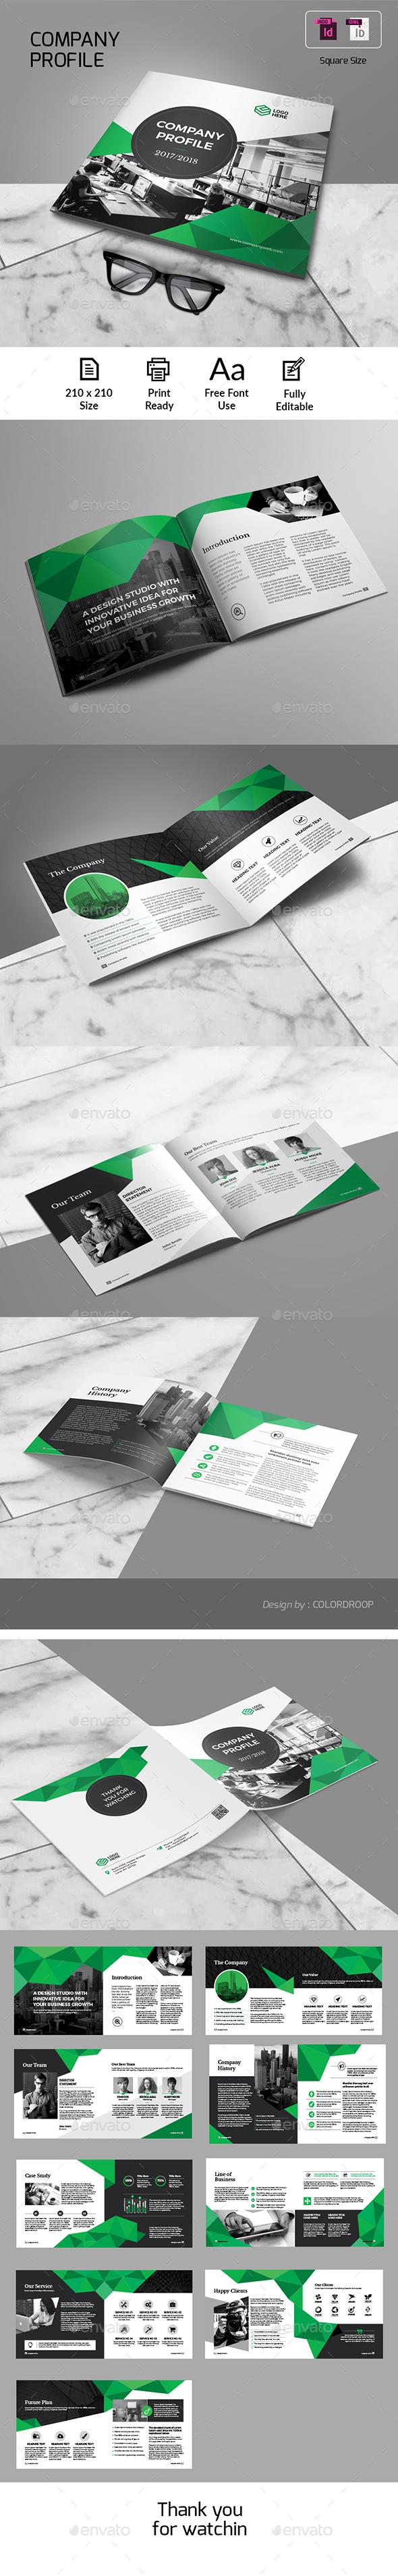 Company Profile_Square - Corporate Brochures